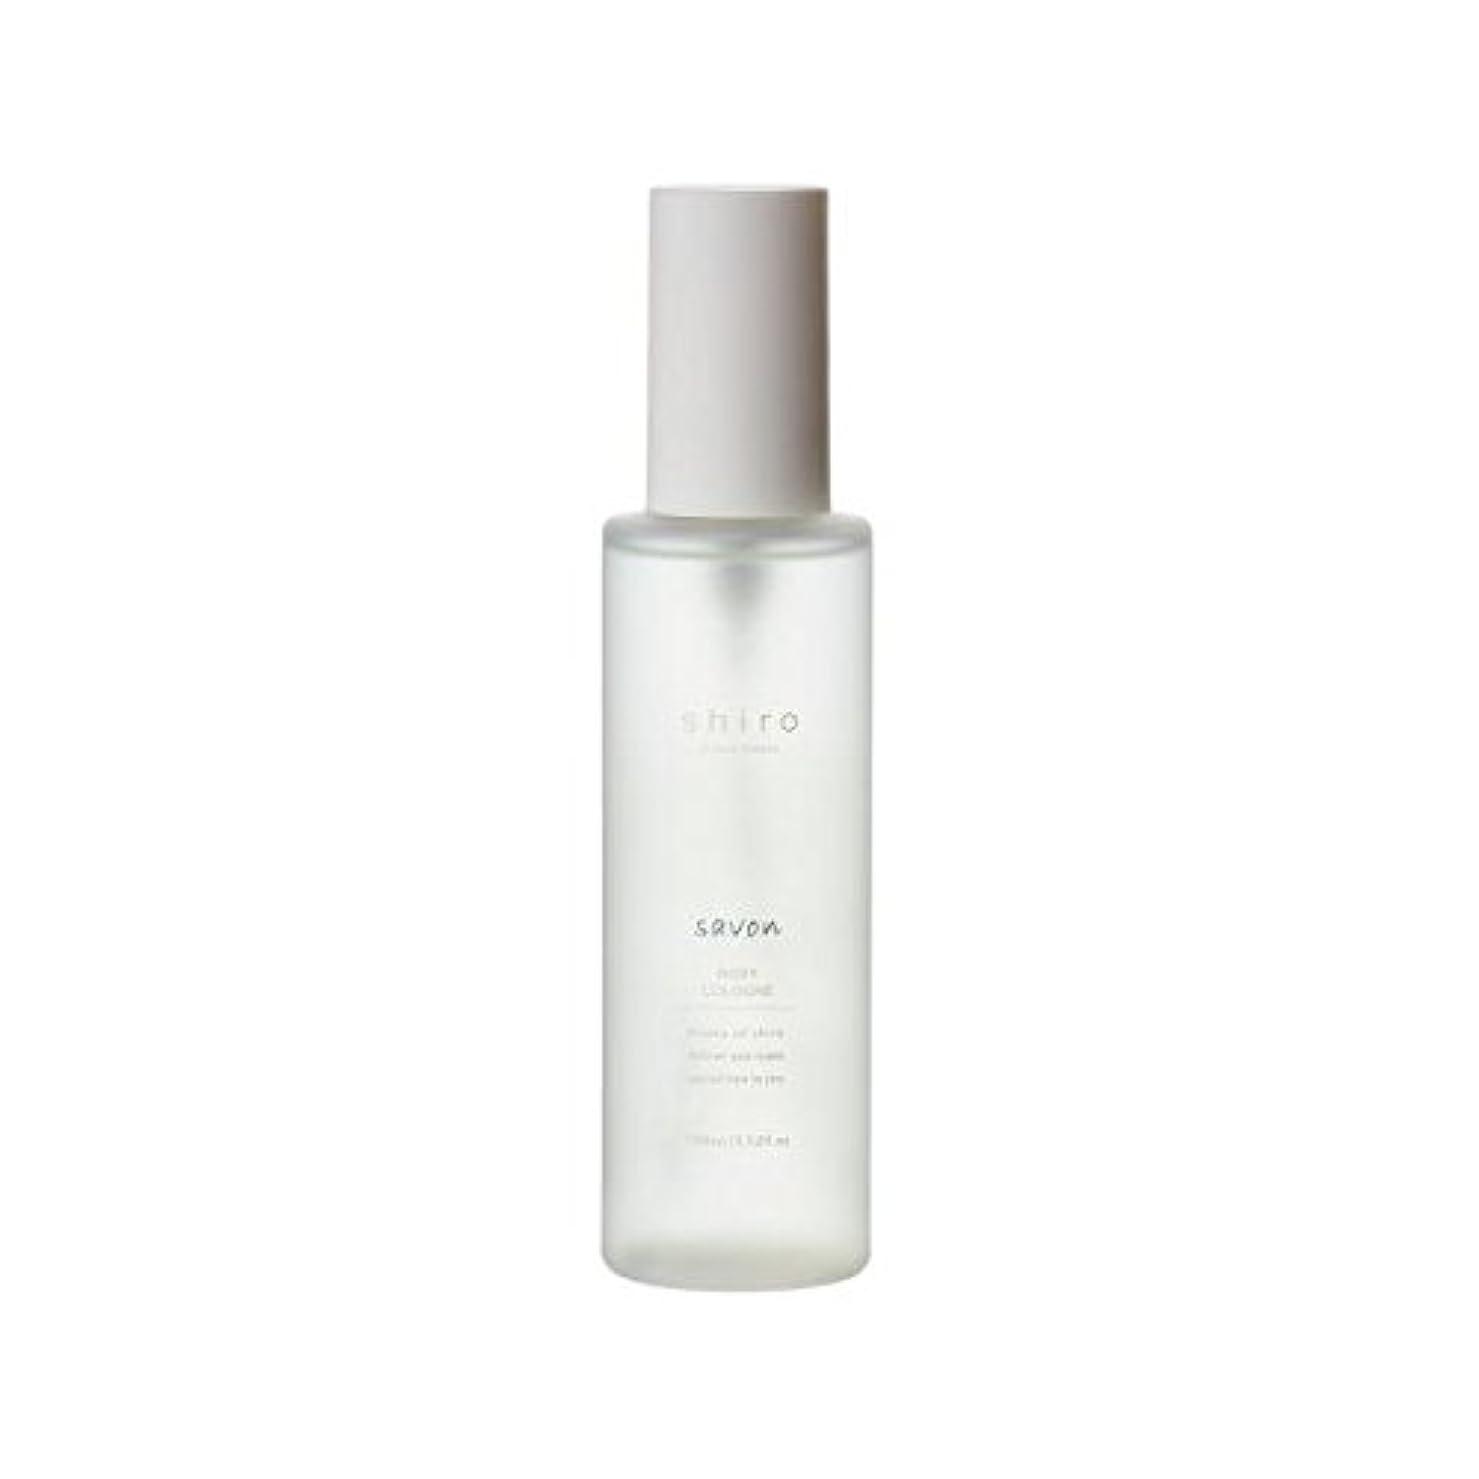 現在模倣交差点shiro サボン ボディコロン 100ml 清潔で透明感のある自然な石けんの香り ミスト シロ